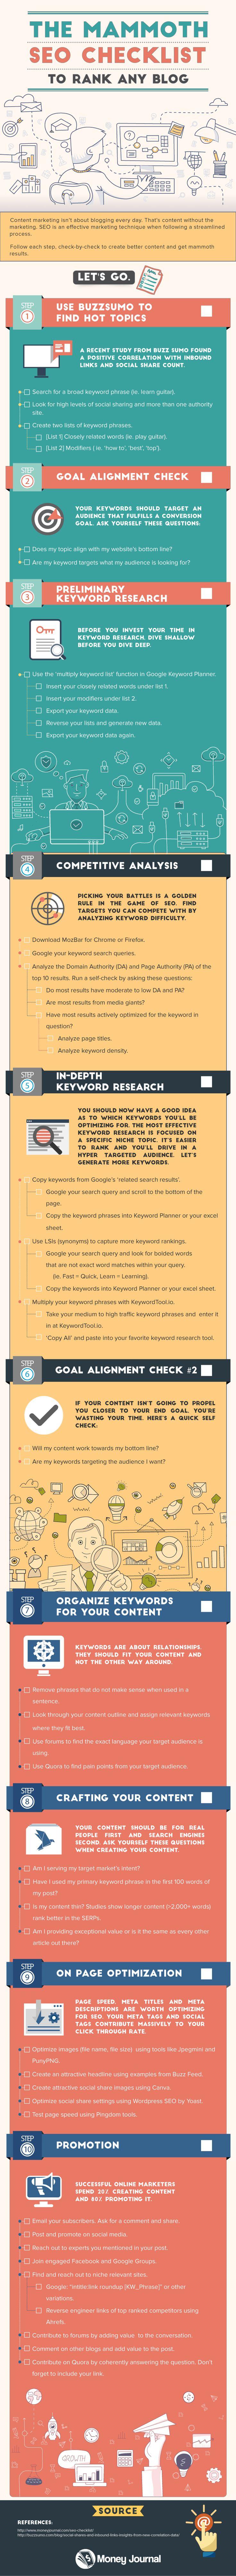 Infographie: 10 étapes pour faire ranker votre blog !